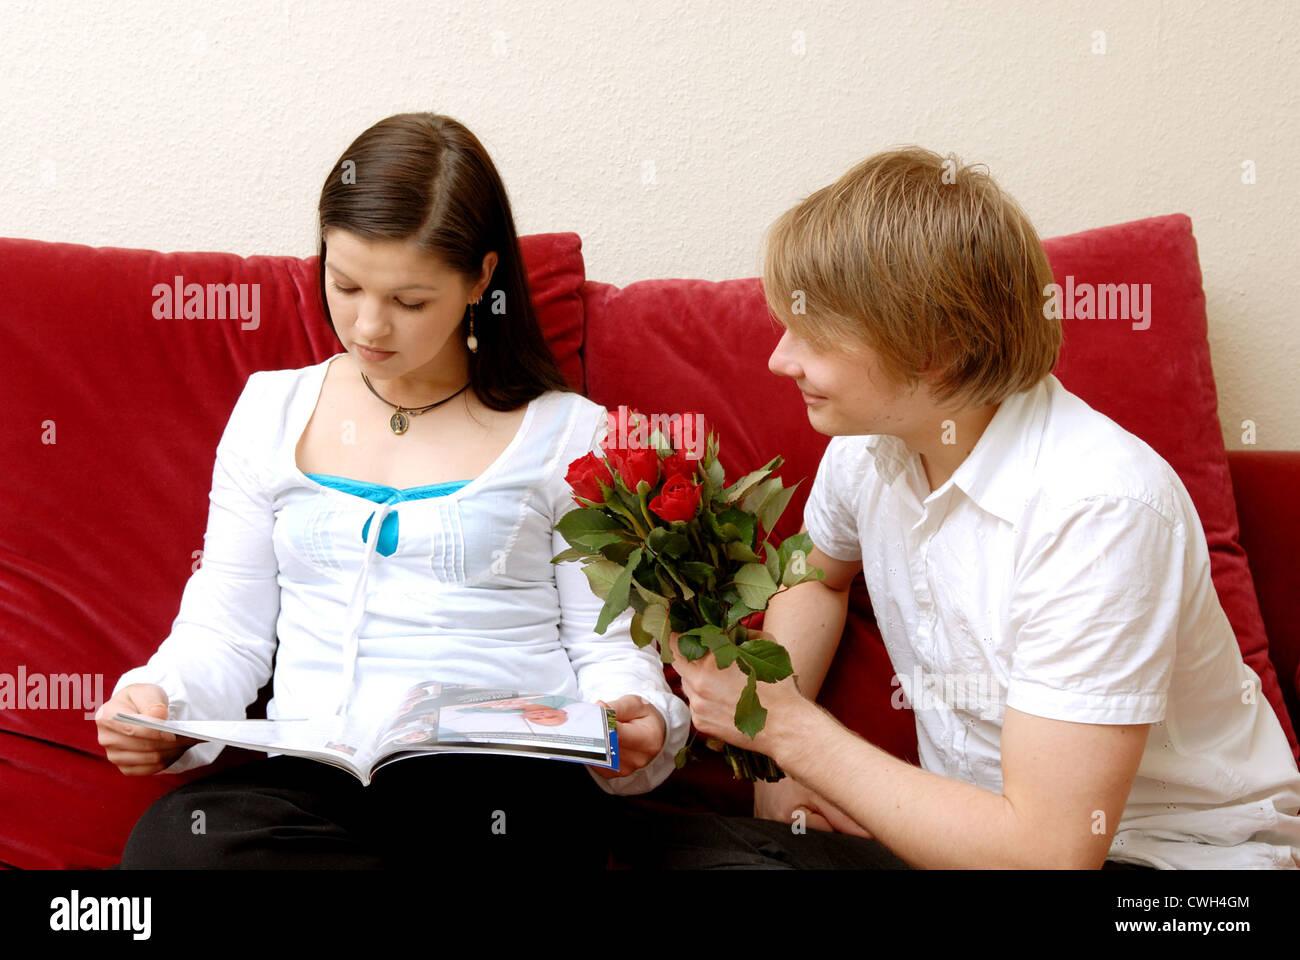 Ehe nicht datieren ep.11 sub thai